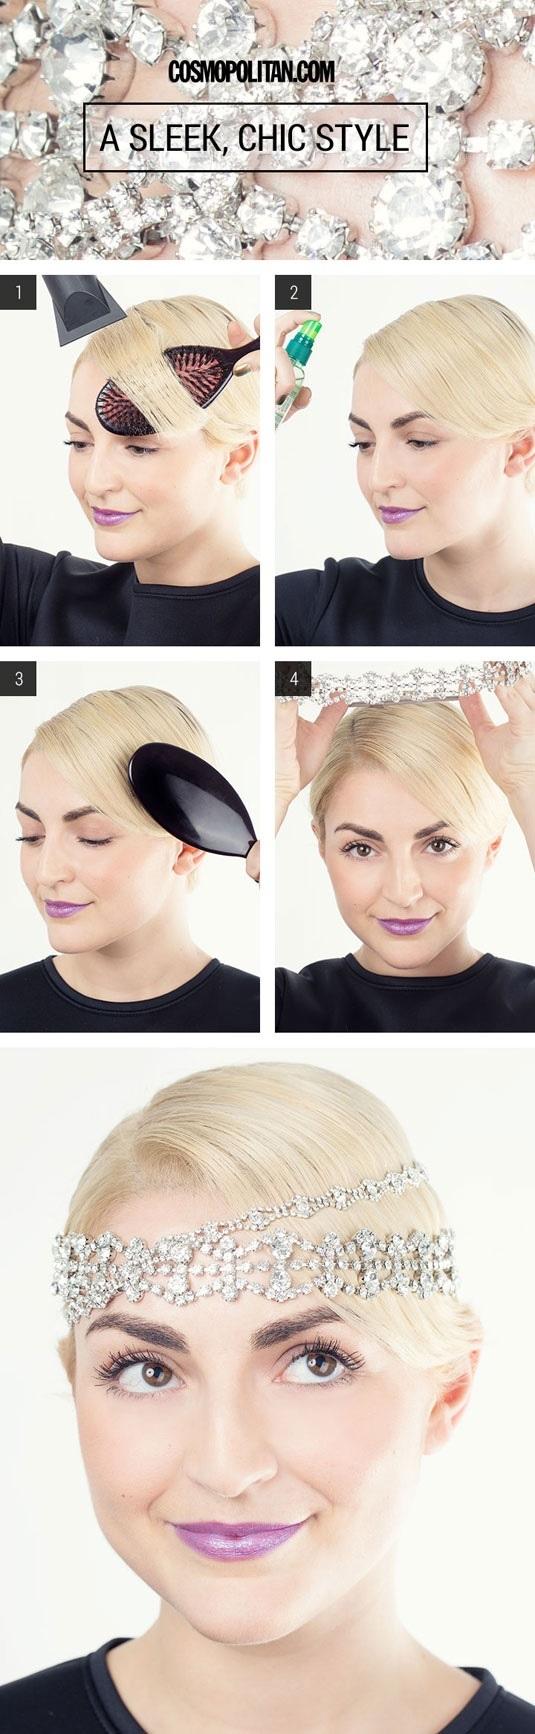 magnifiques-idees-de-coiffures-pratiques-2